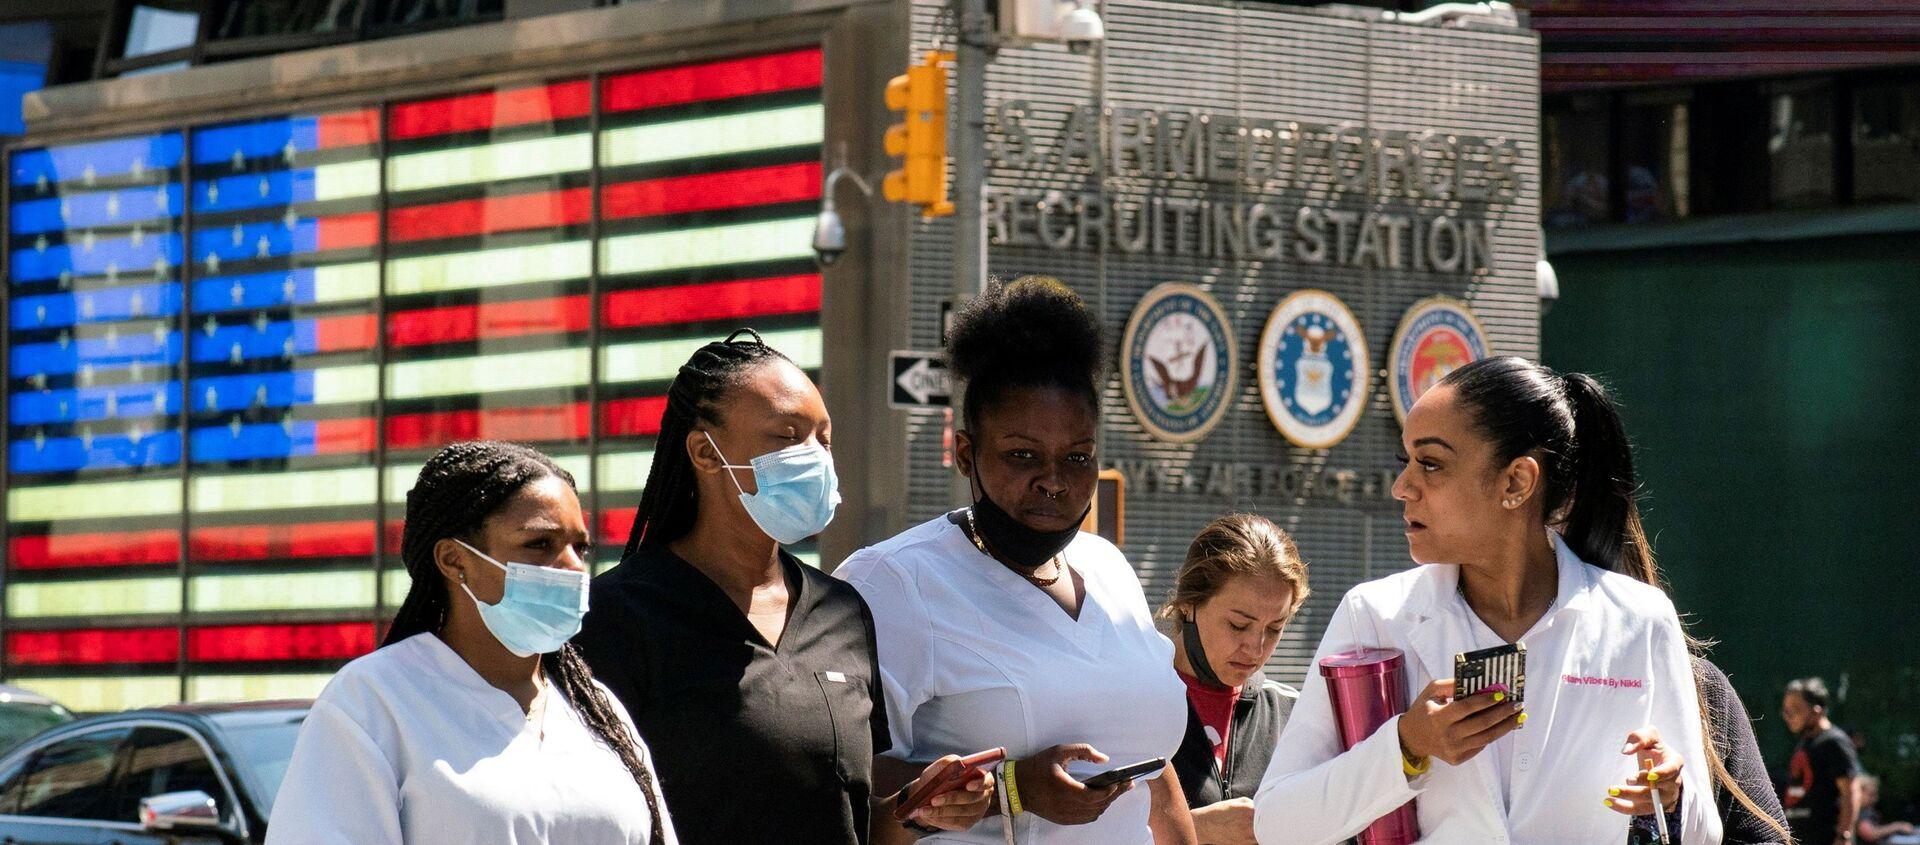 New York'ta Delta varyantı yüzünden Kovid vakaları yeniden artarken Times Meydanı'nda maskeyle dolaşılıyor. - Sputnik Türkiye, 1920, 30.07.2021